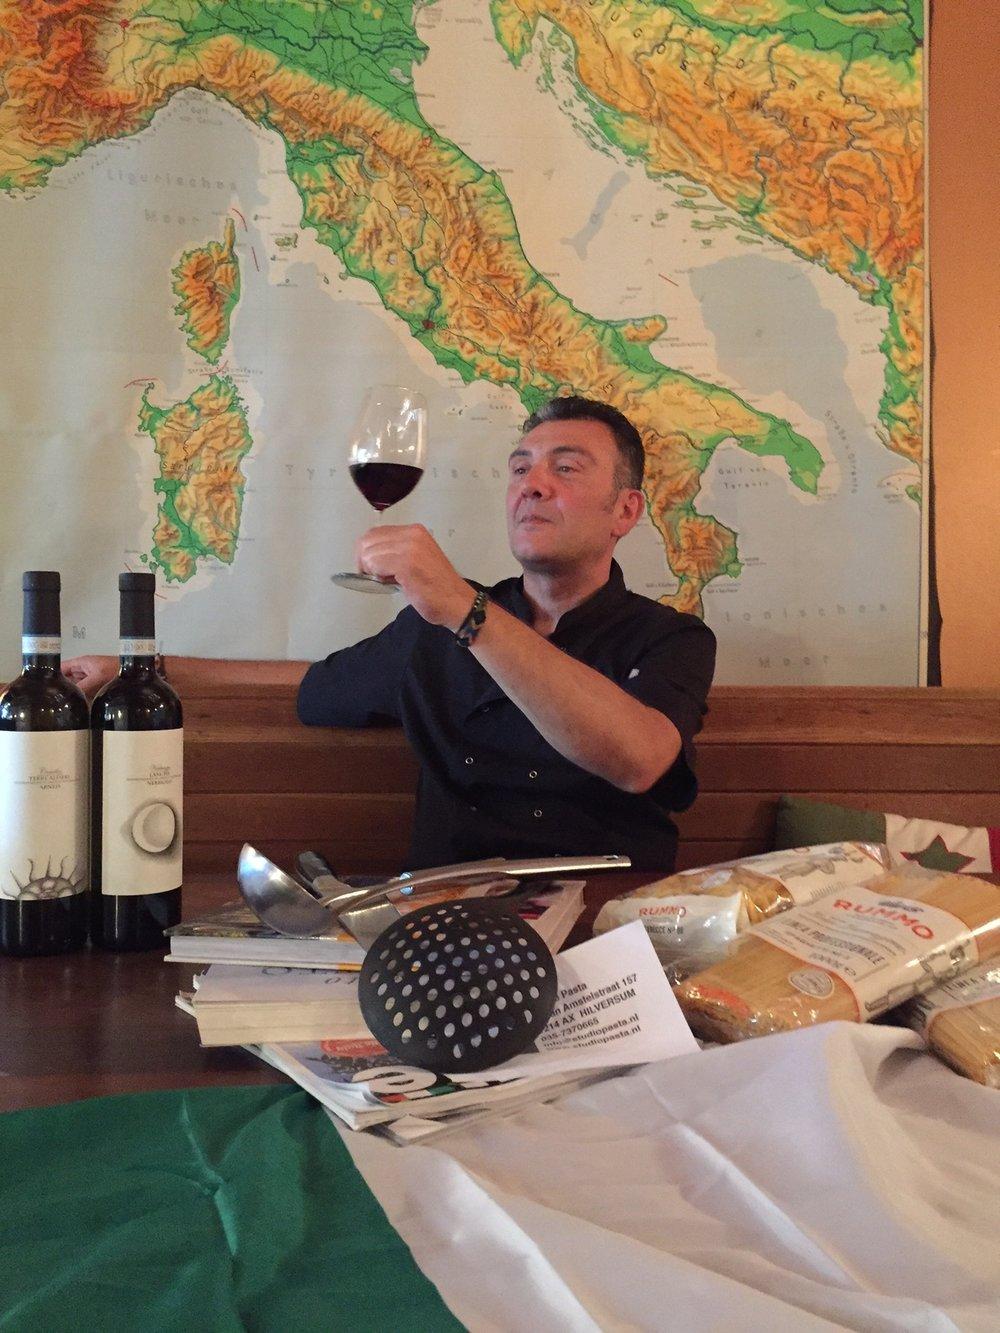 Michele proeft zijn wijn